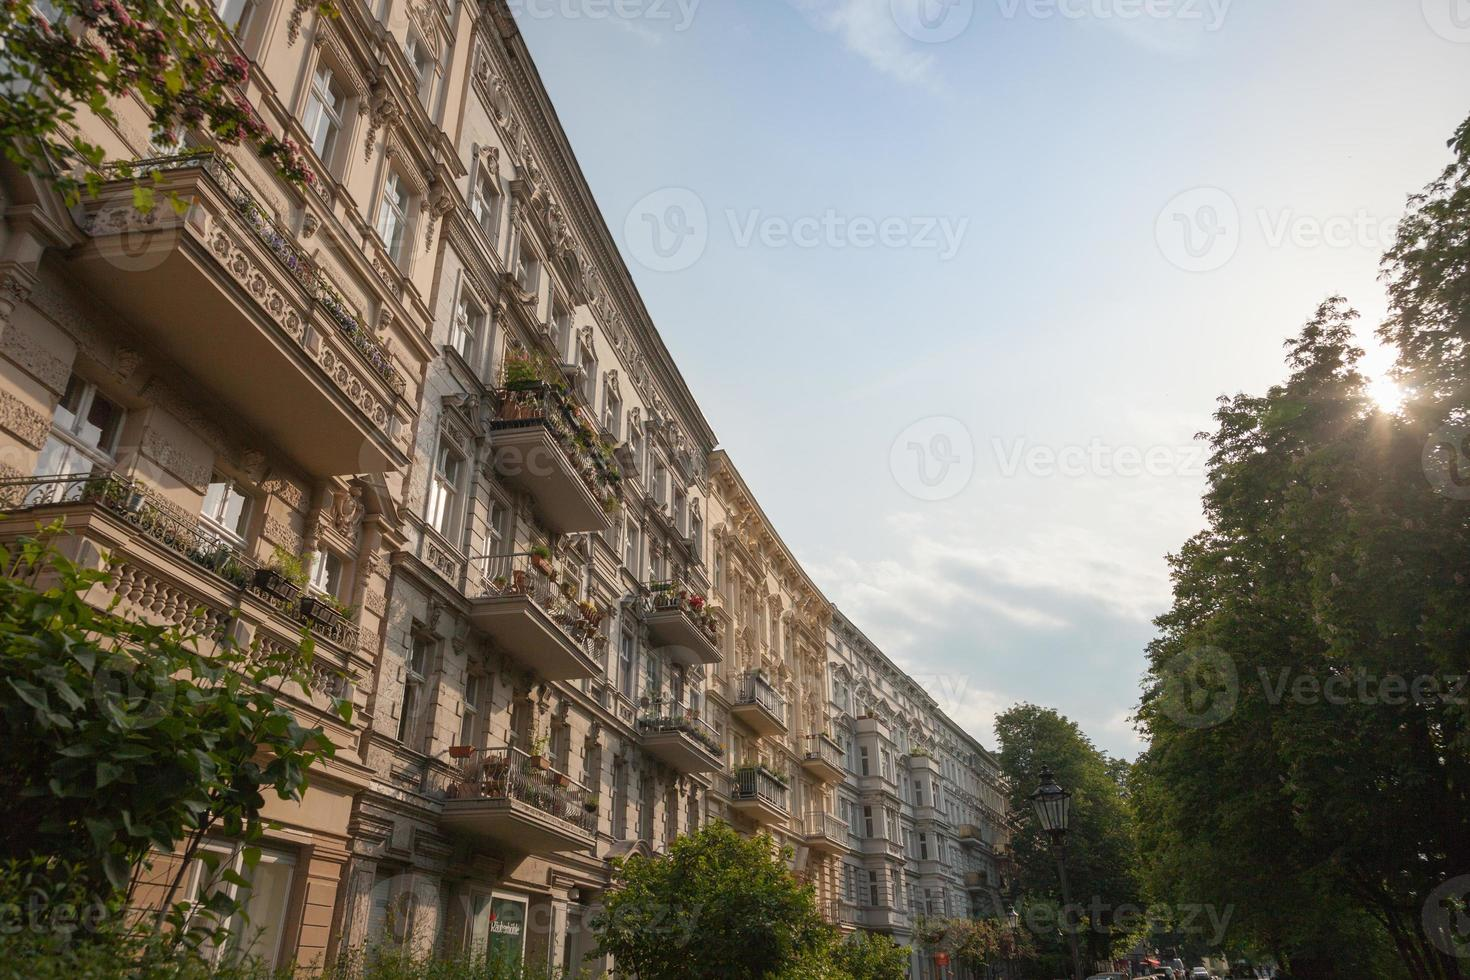 fachadas de estuco restauradas en una ciudad foto